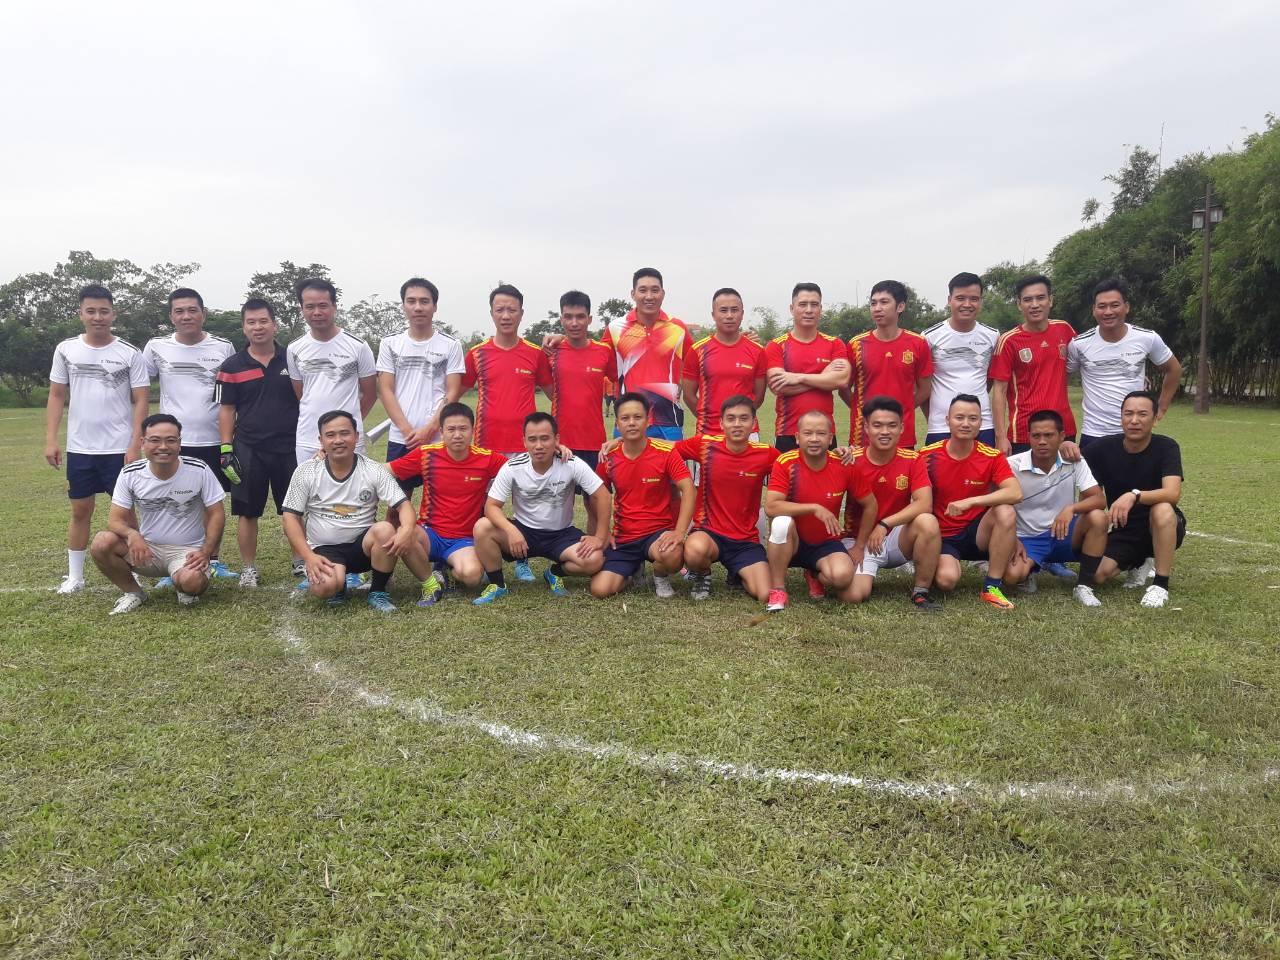 Trận bóng đá giao hữu giữa Telin Group và Telin M&E